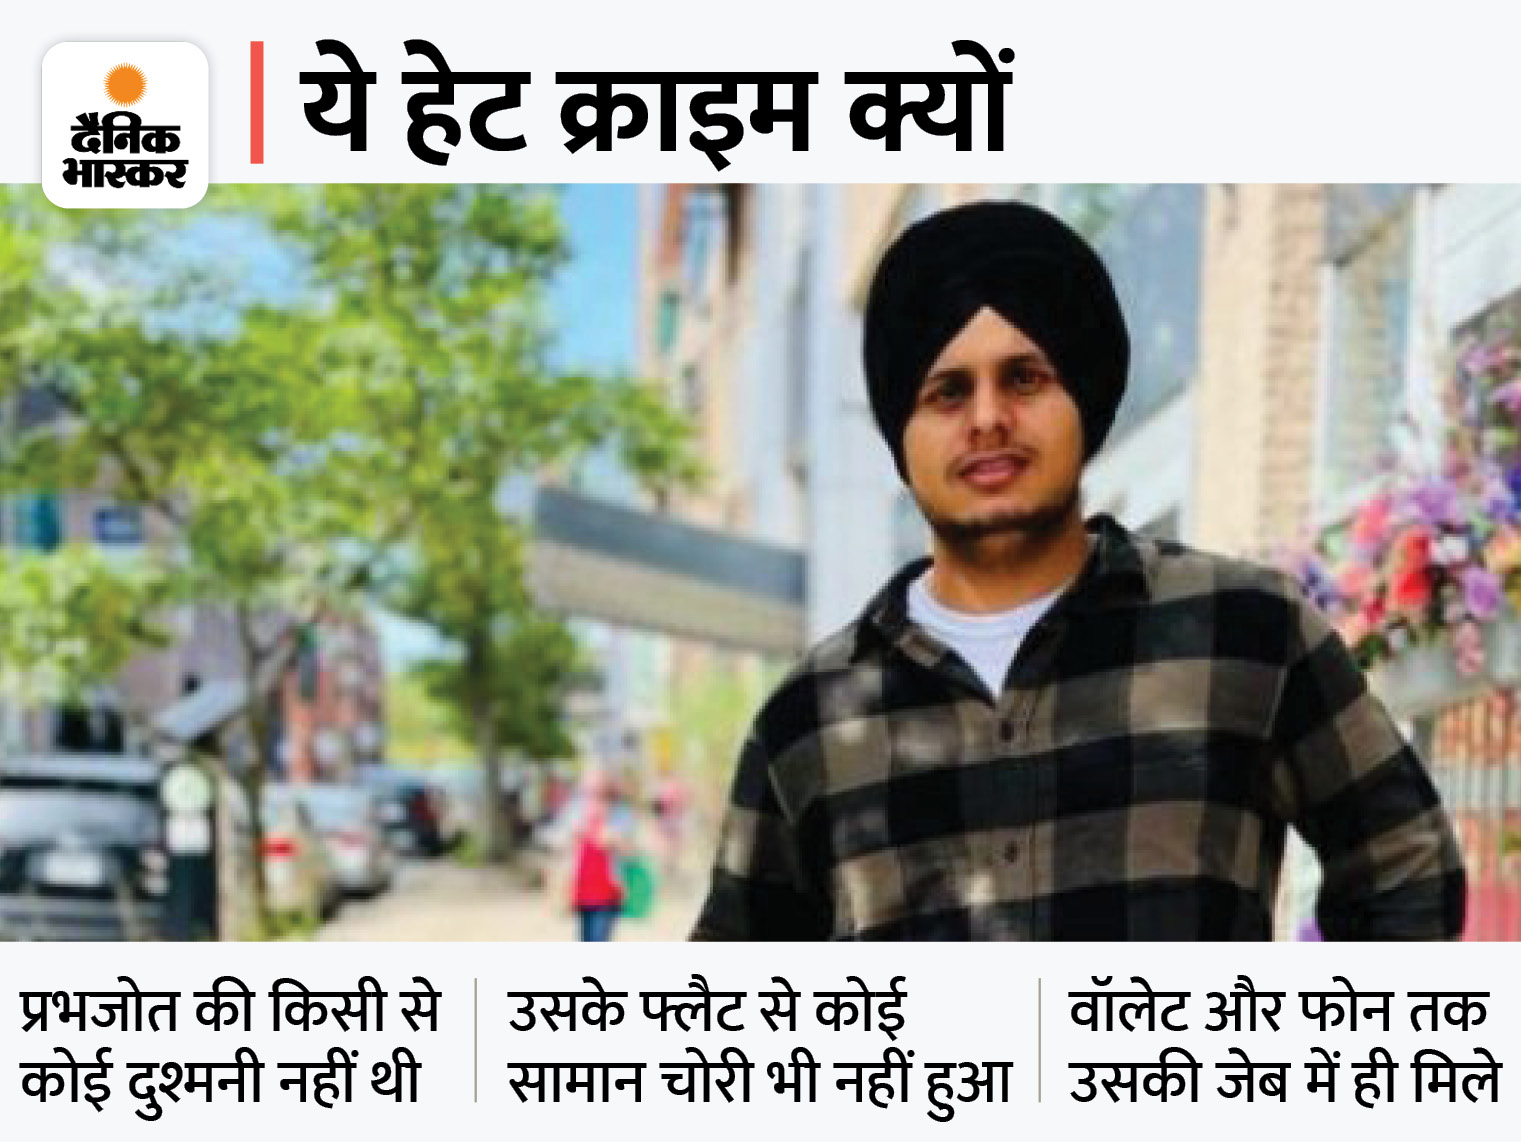 कनाडा में भारतीय का कत्ल:23 साल के सिख युवक प्रभजोत की उसके ही फ्लैट में हत्या; दोस्तों का आरोप- यह हेट क्राइम